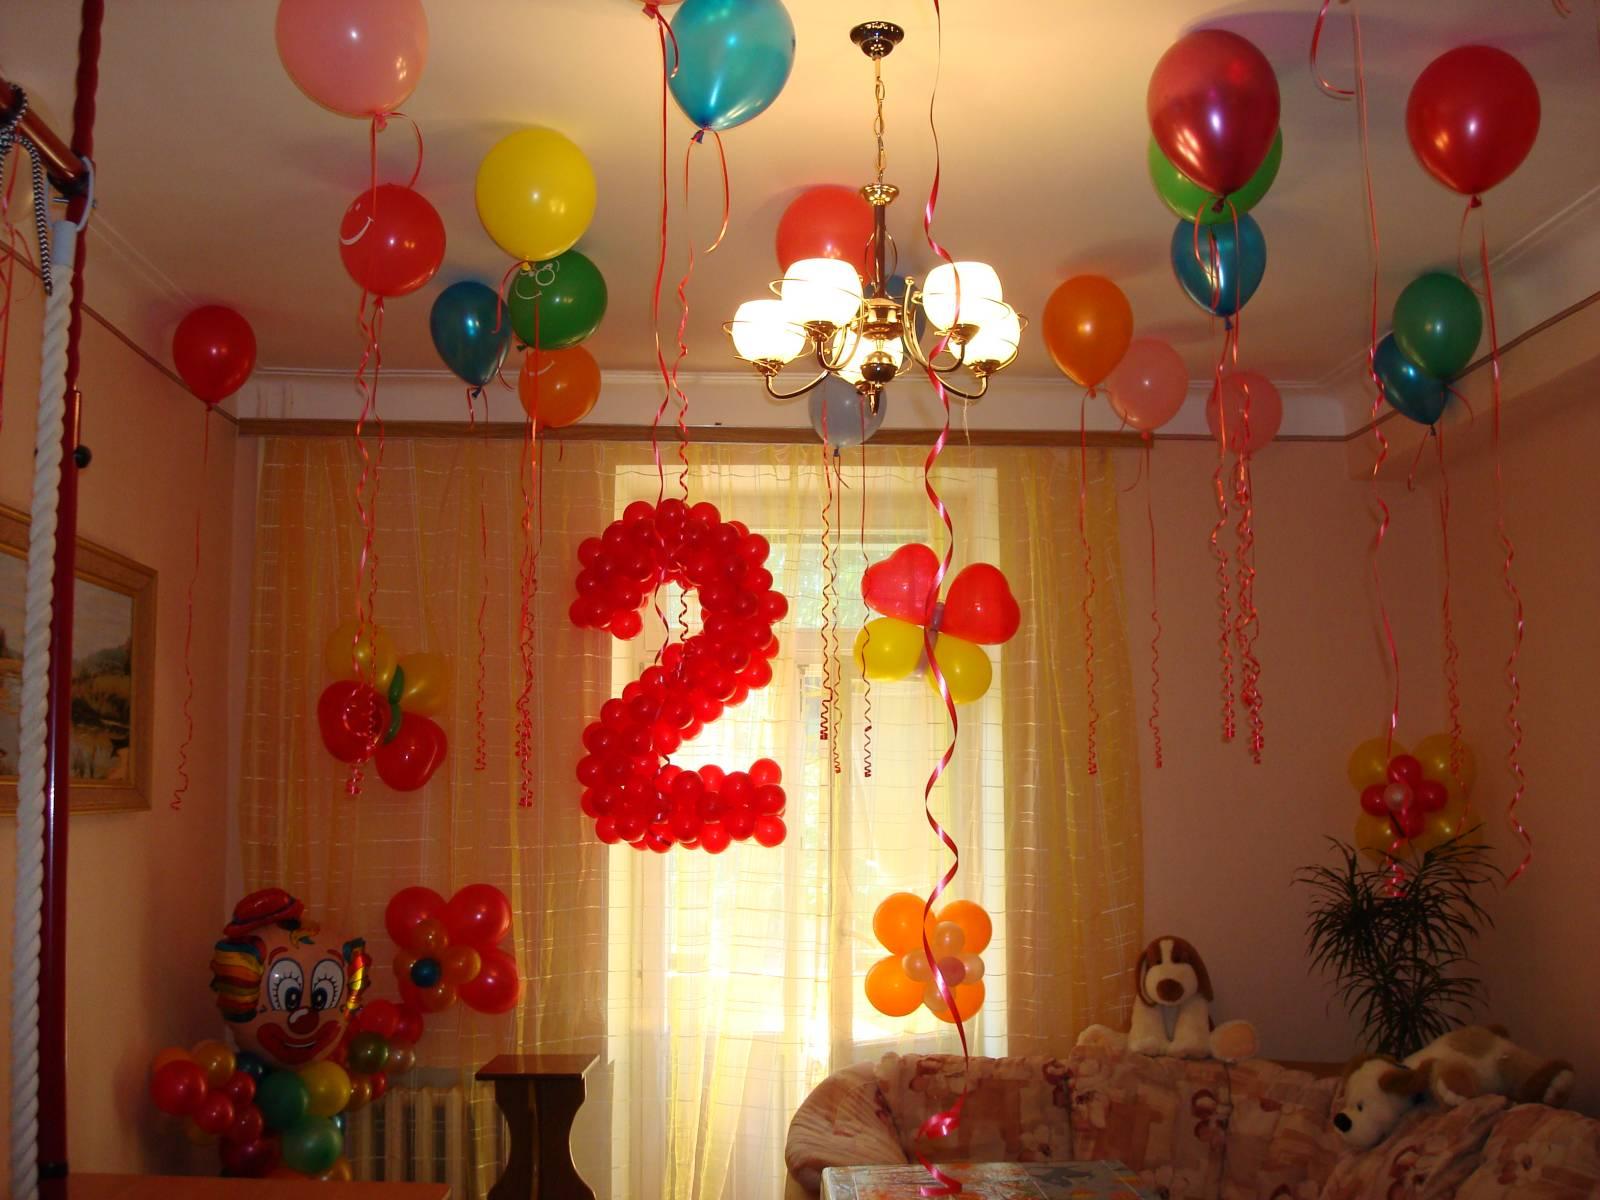 Красивые украшения комнаты на день рождения своими руками